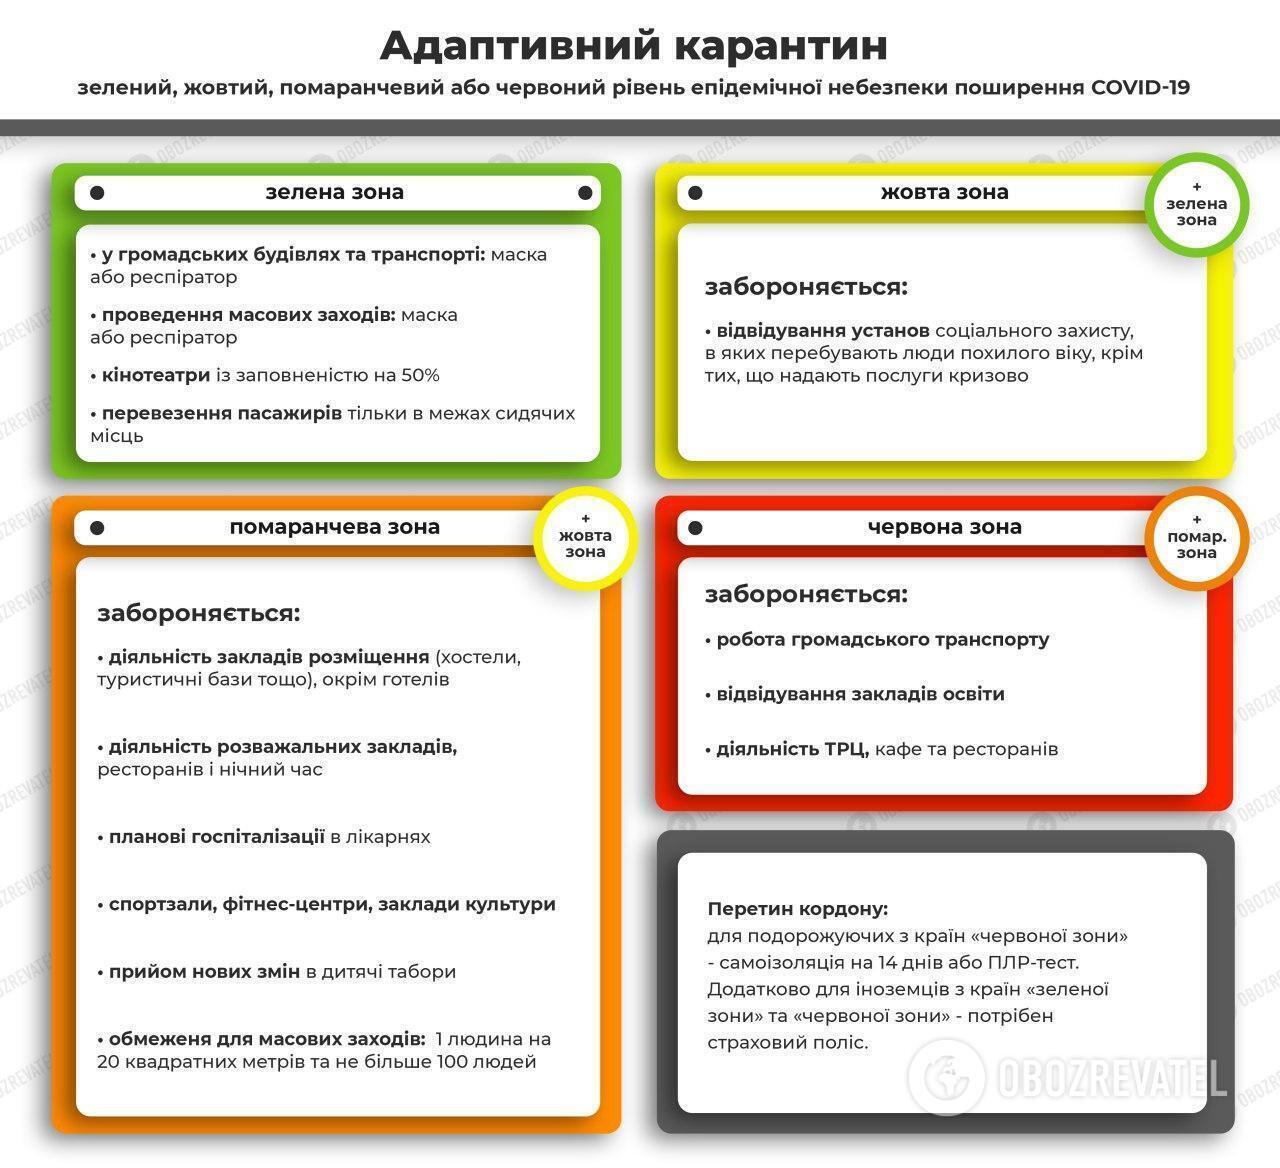 """В Украине начали действовать новые карантинные зоны: кто попал в """"красную"""". Список"""